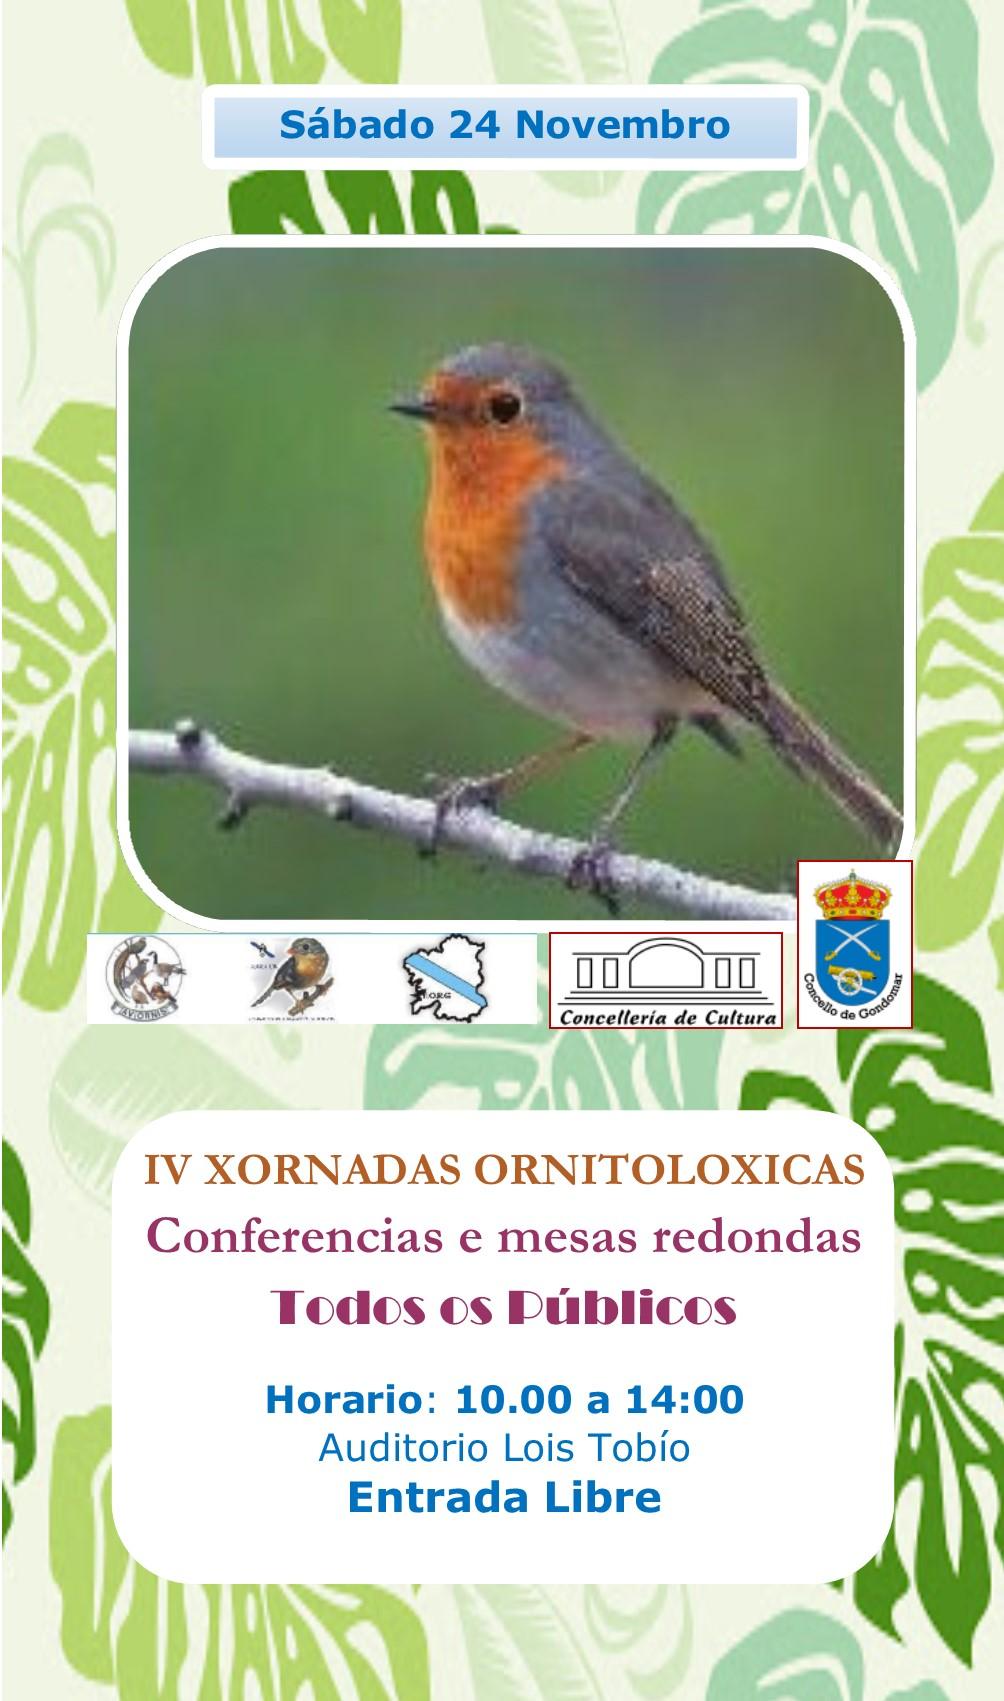 IV Xornadas Ornitolóxicas @ Auditorio Lois Tobío | Galicia | España